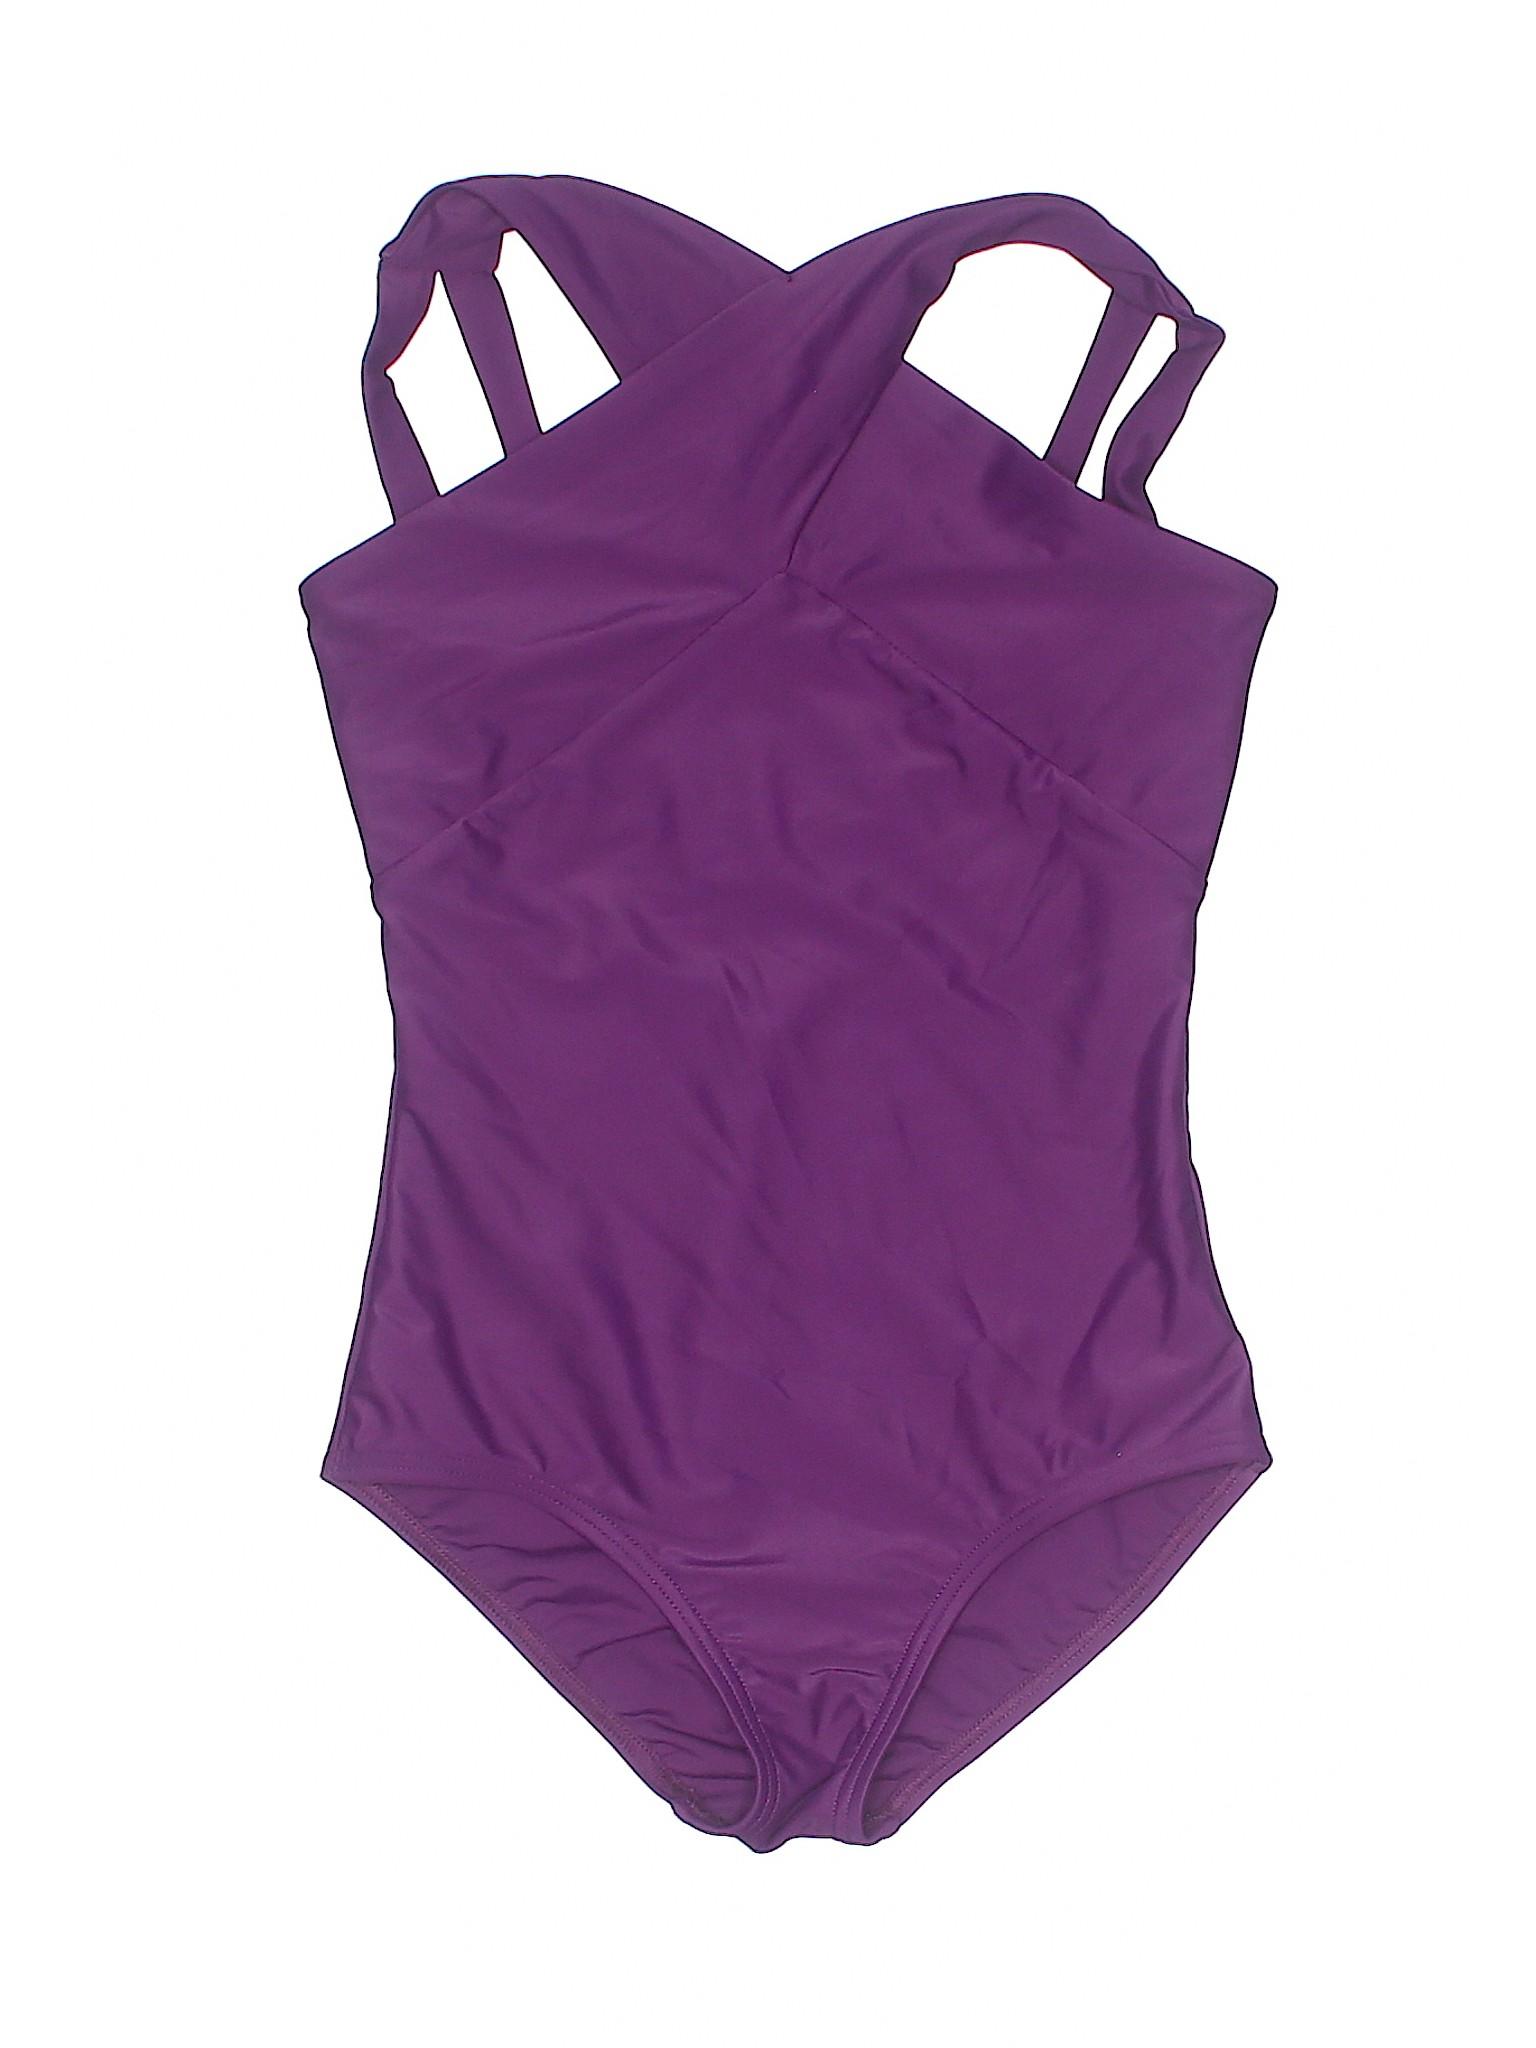 Capezio Swimsuit Piece Boutique Boutique One Capezio PE0FH